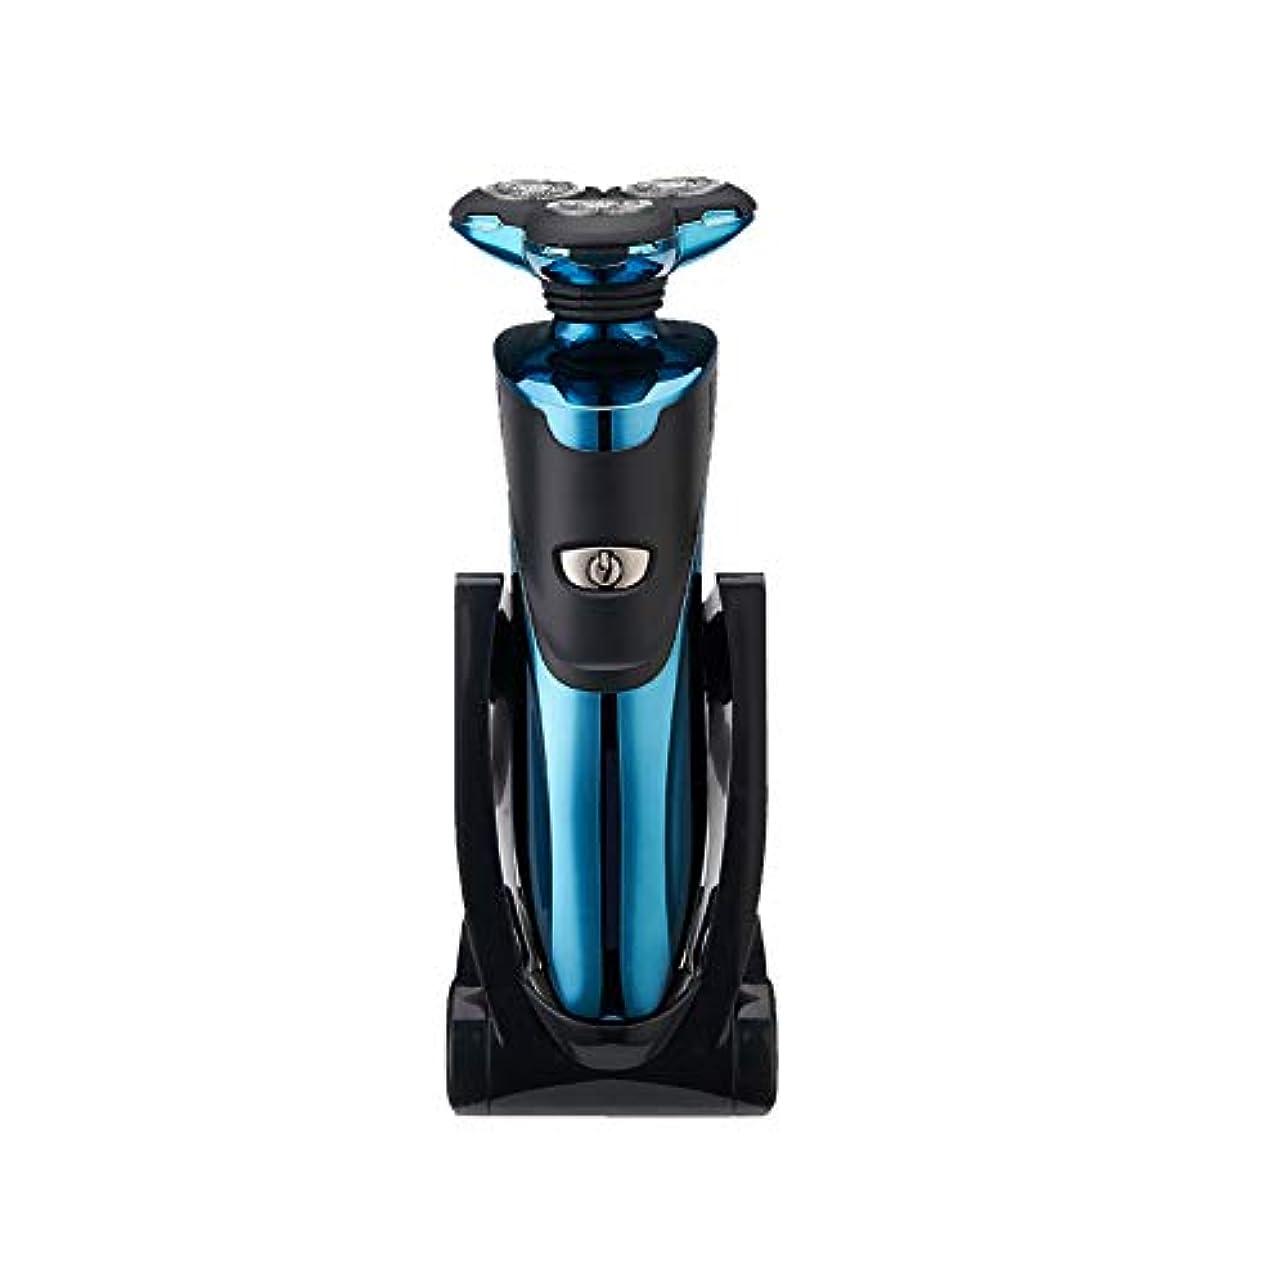 銛細心の一時停止4で1電気シェーバー男性かみそり4 d濡れた乾式ロータリーシェービングIpx 7防水2019年更新バージョンアダプター付きトリマーグルーミングキット,Blue